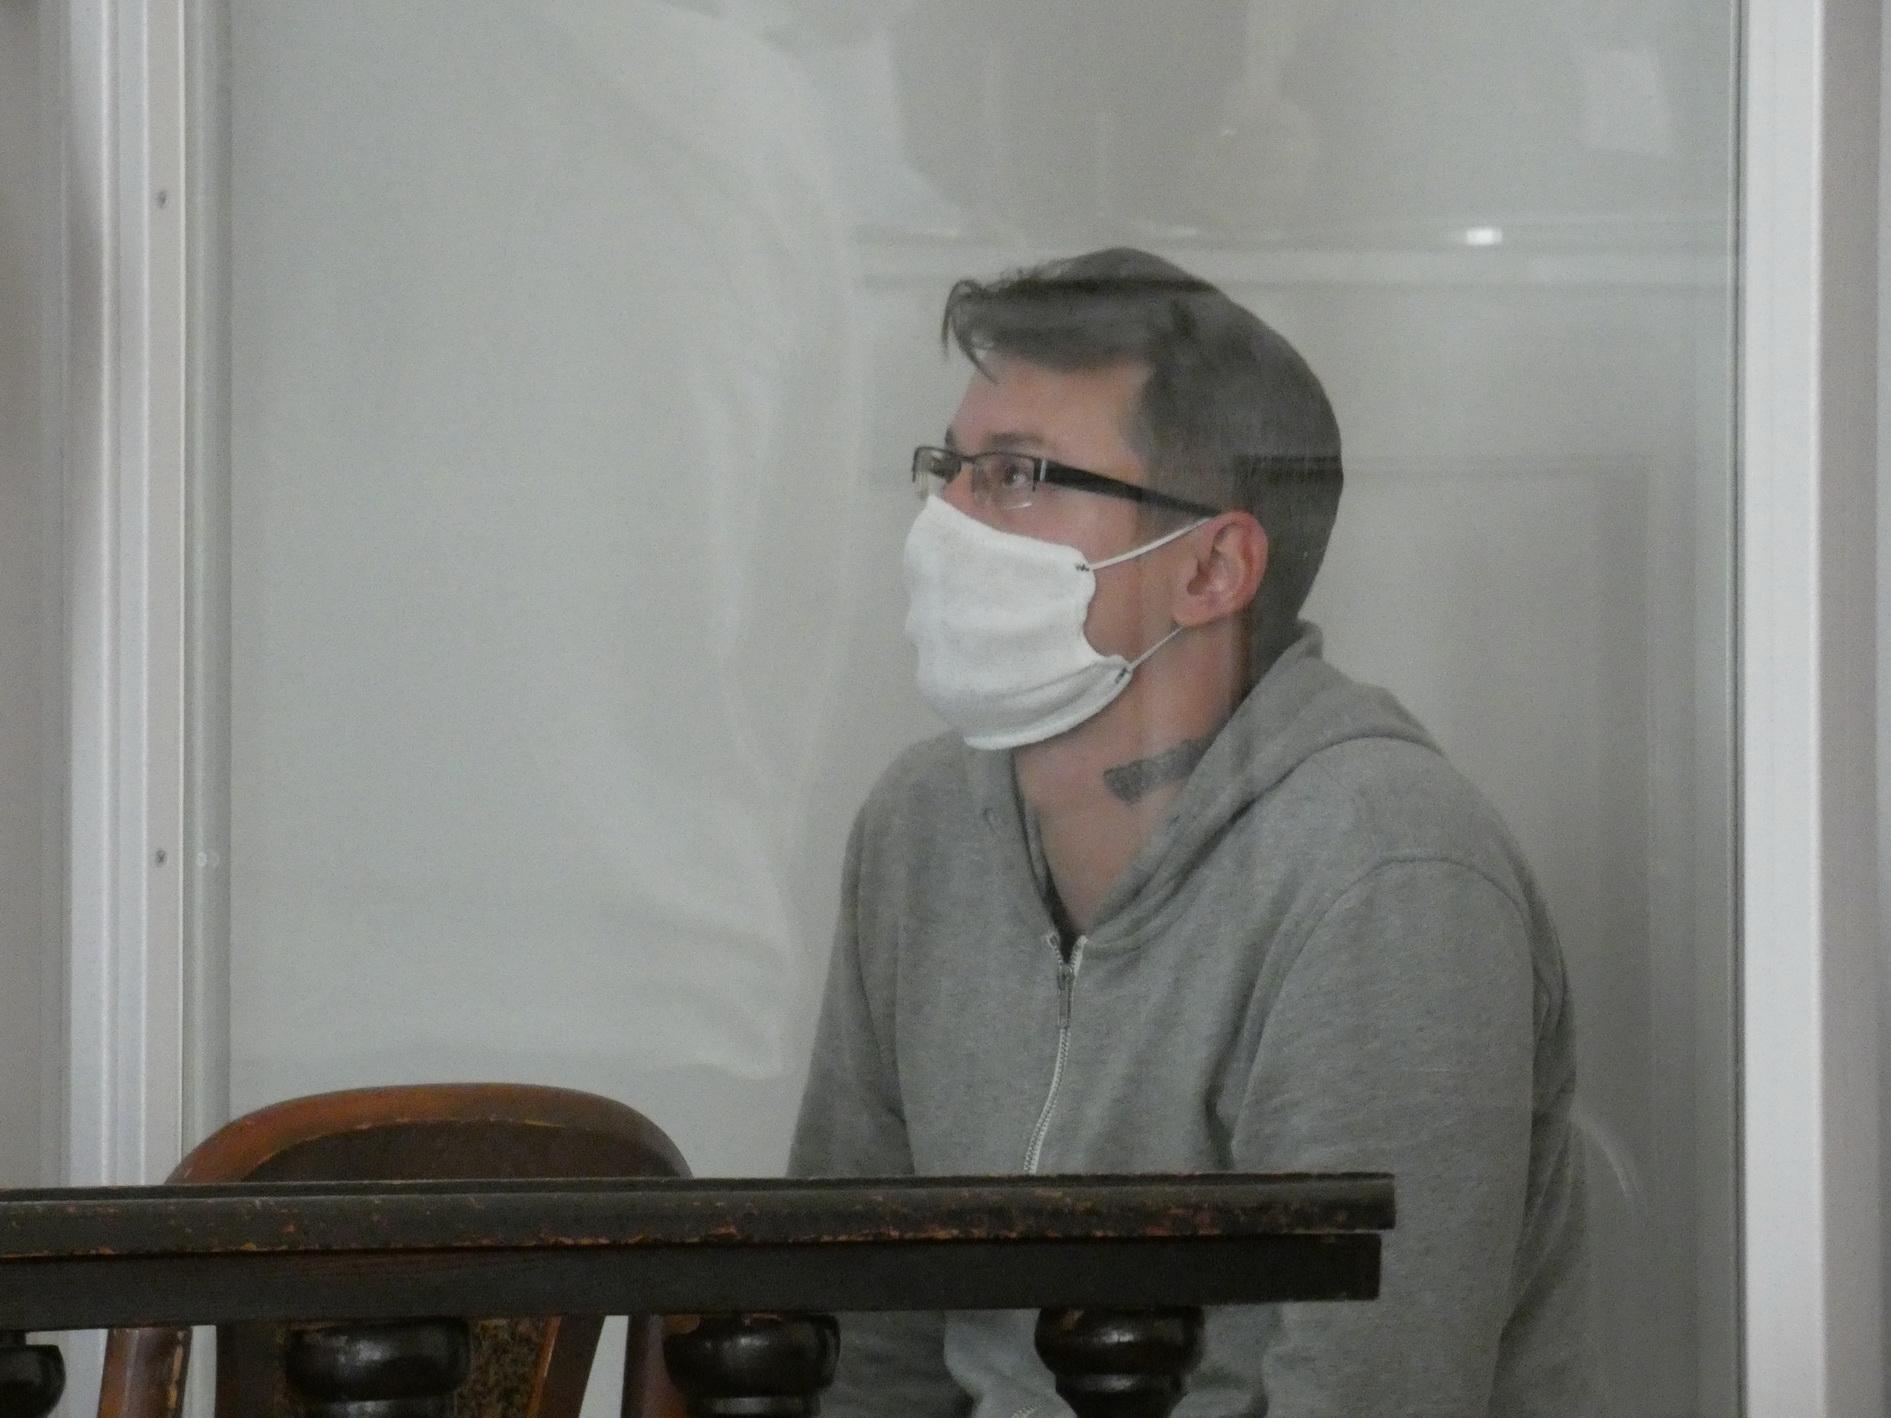 У Вінниці залишили під вартою фігурантів порносправи, які знімали ролики з дітьми (Фото)